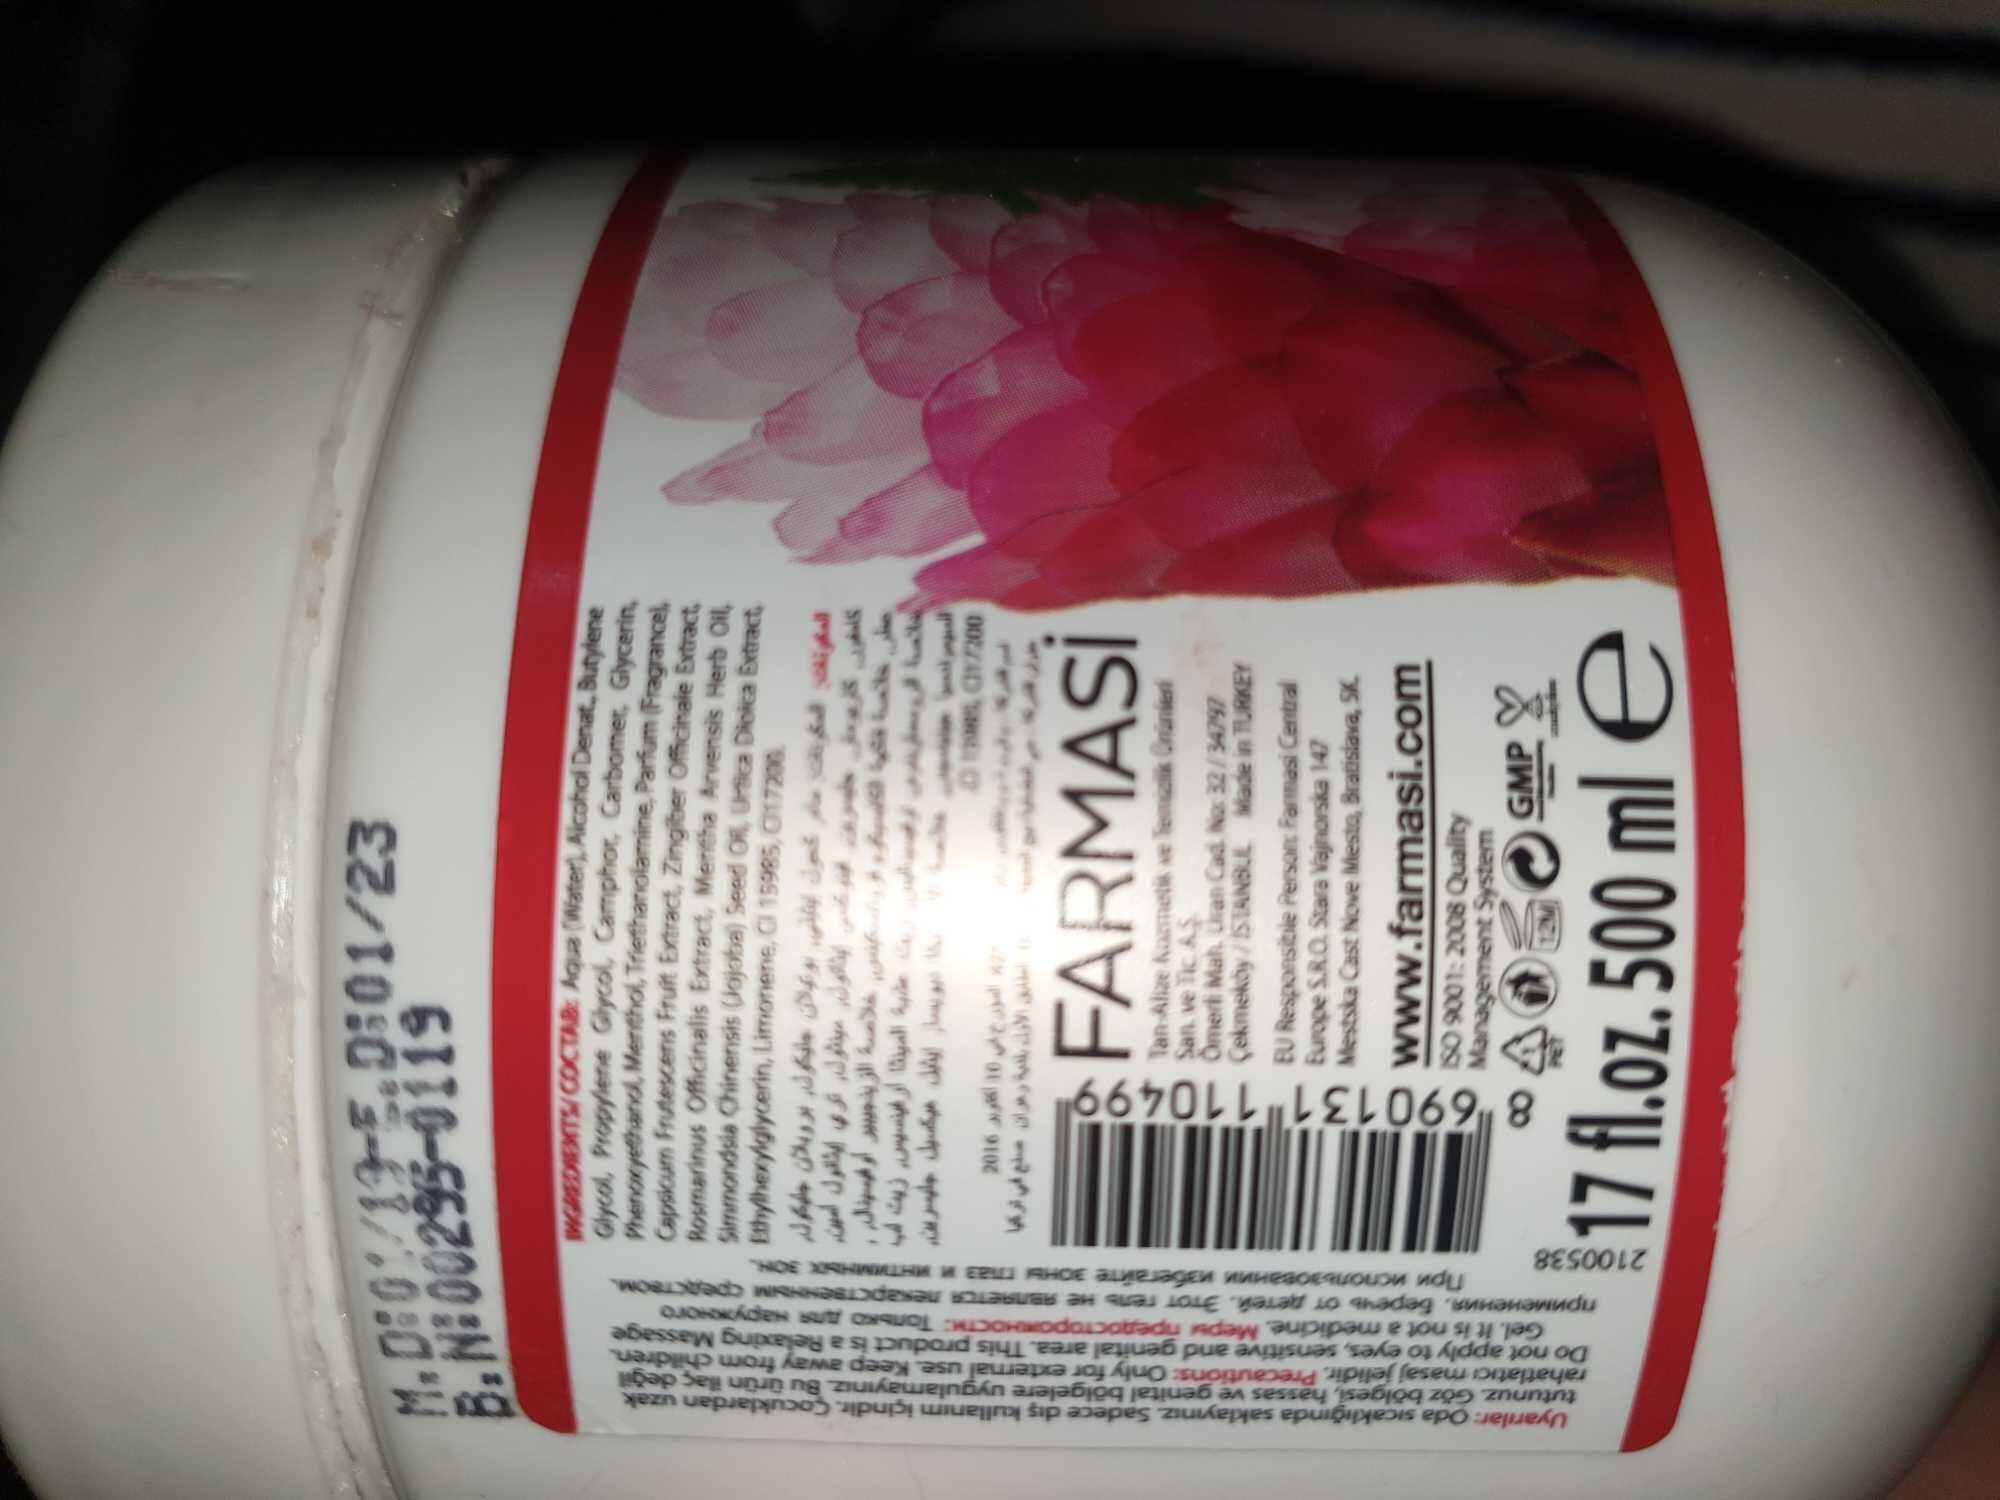 Paprika&Chili Balsam - Product